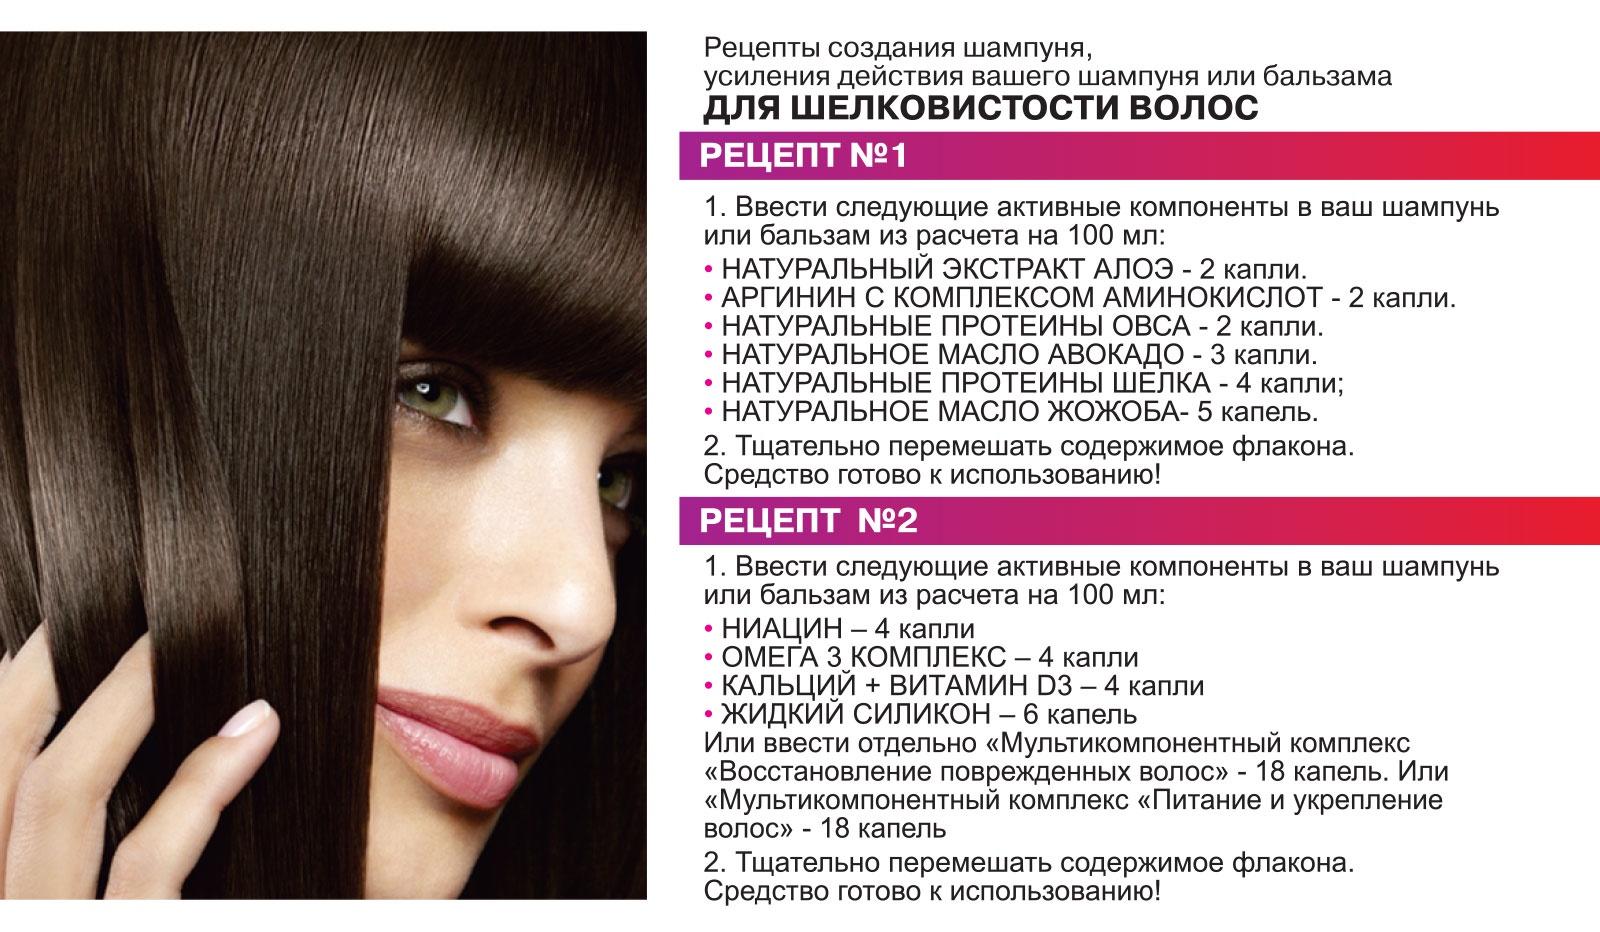 Мультикомпонентный комплекс Питание и укрепление волос, серии  Линия HandMade  5 ml ЛИНИЯ HANDMADE